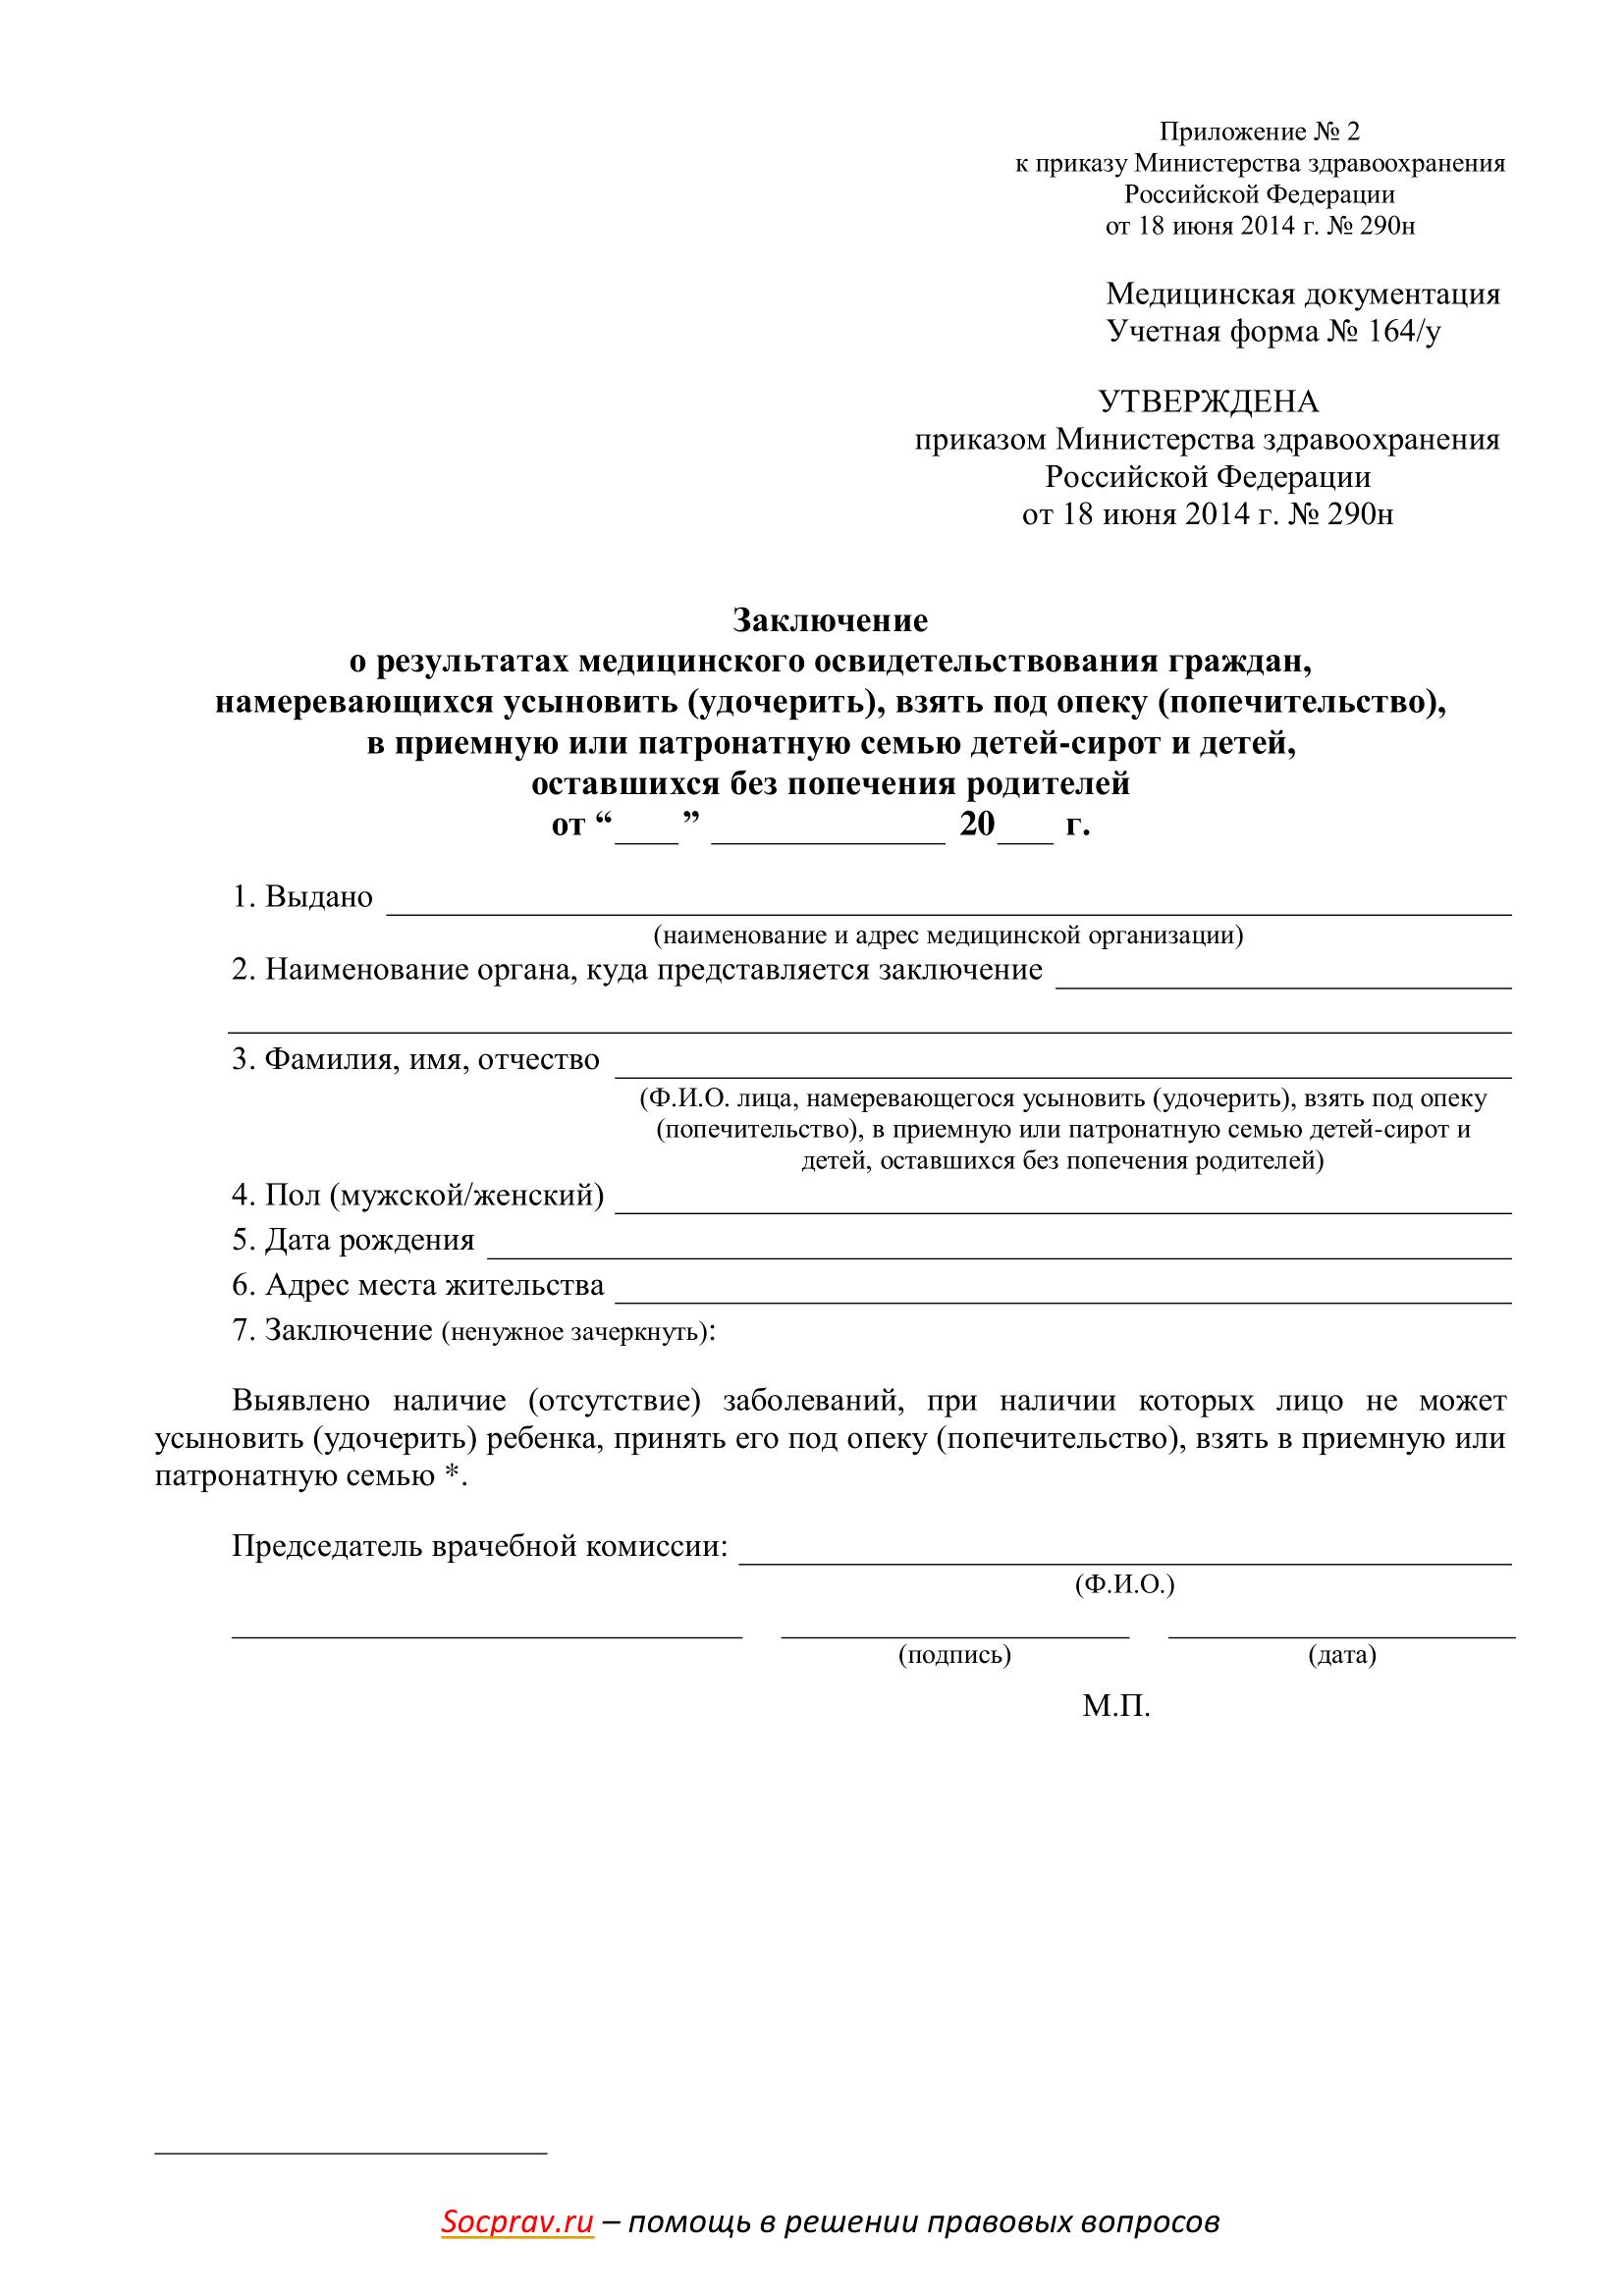 Бланк обследования по учетной форме 164/у